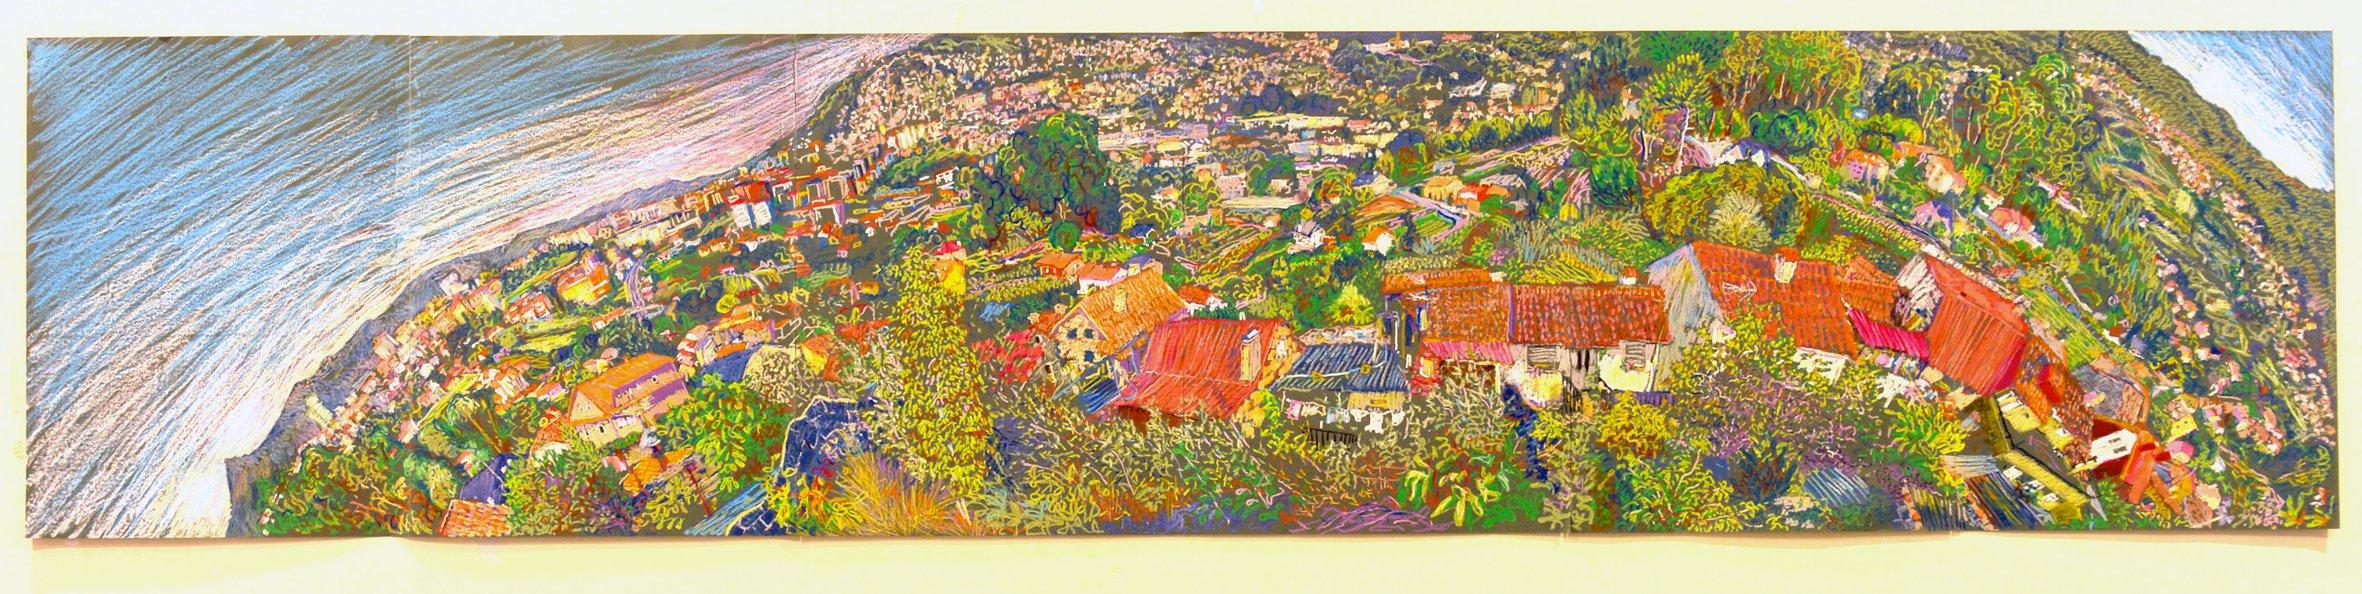 View Over Castrelos Fields<span>Copyright Josias Figueirido</span>